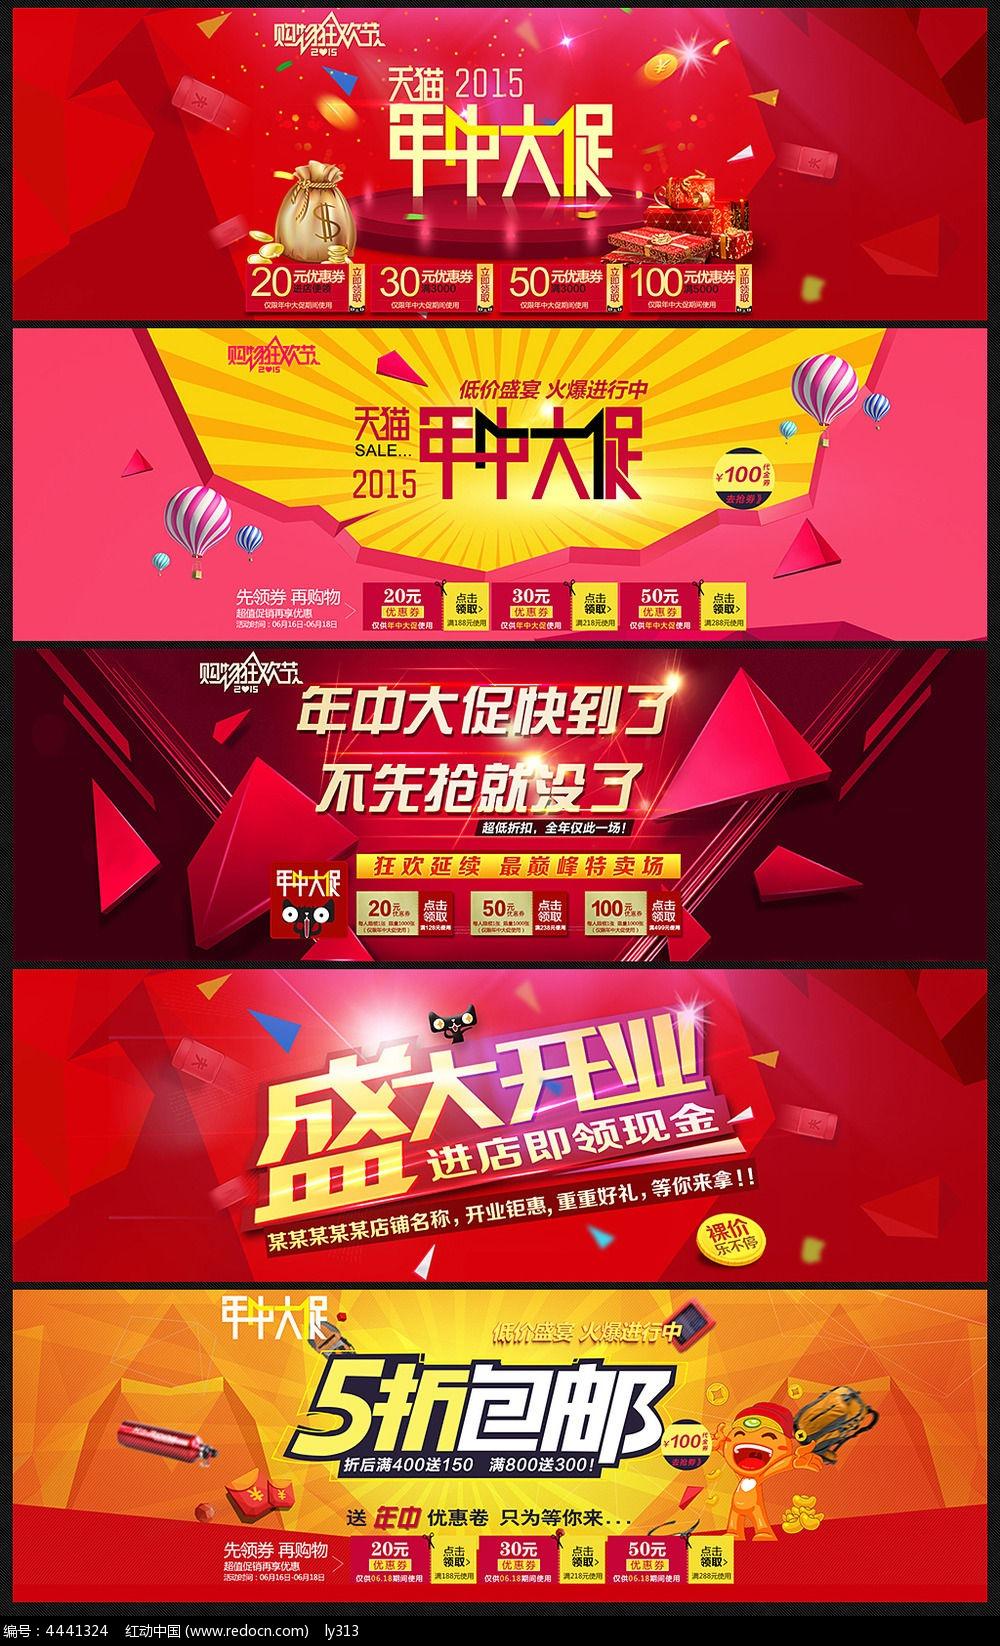 淘宝天猫京东618促销海报设计图片